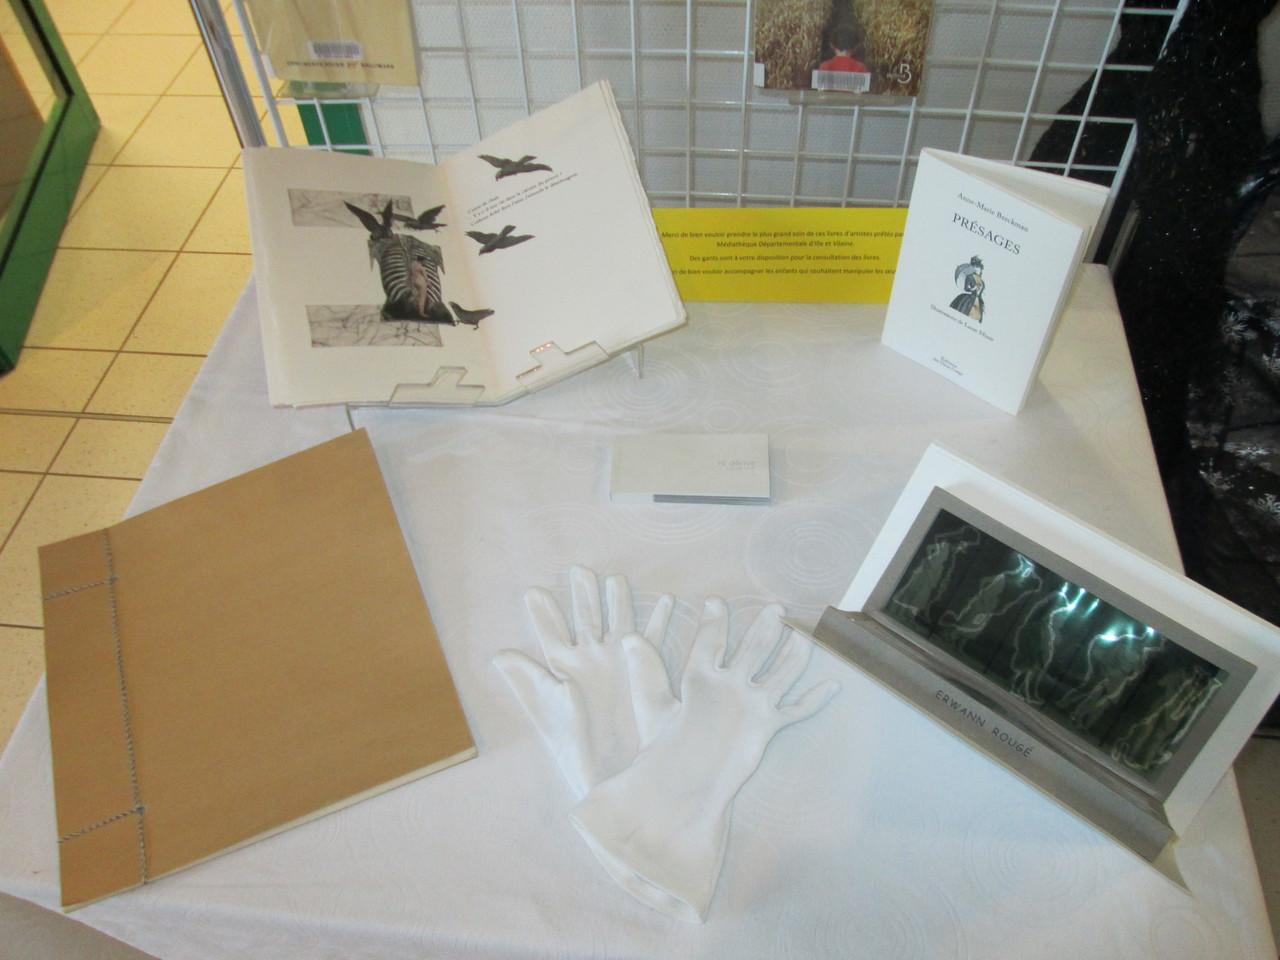 Livres d'artistes présentés à la bibliothèque l'Astrolabe Talensac